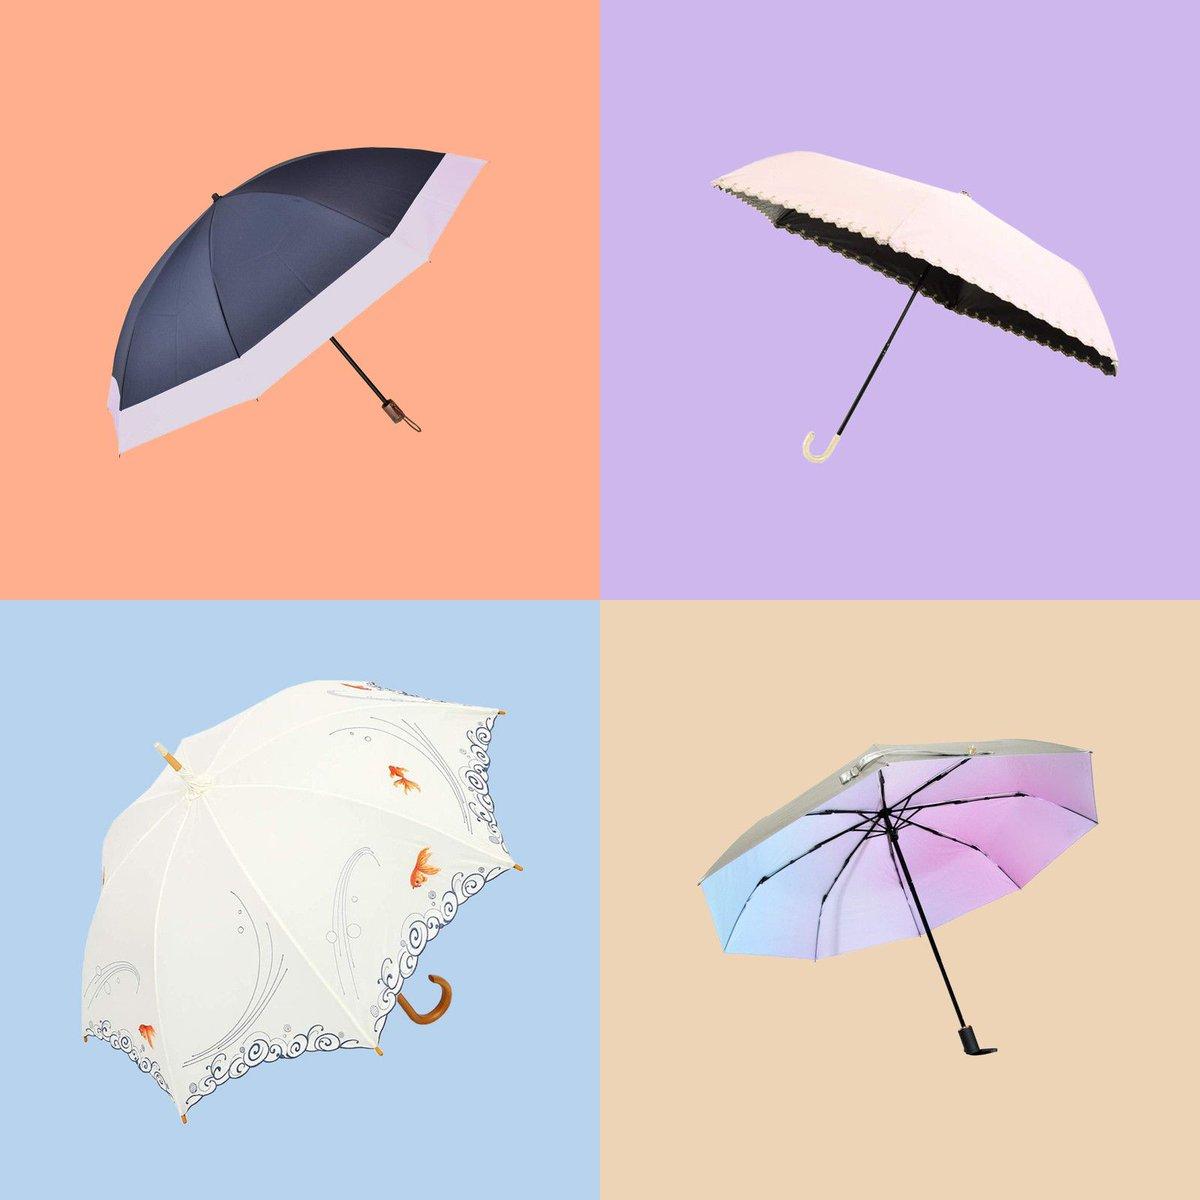 夏本番前に手に入れたい、おすすめの折りたたみ日傘8選